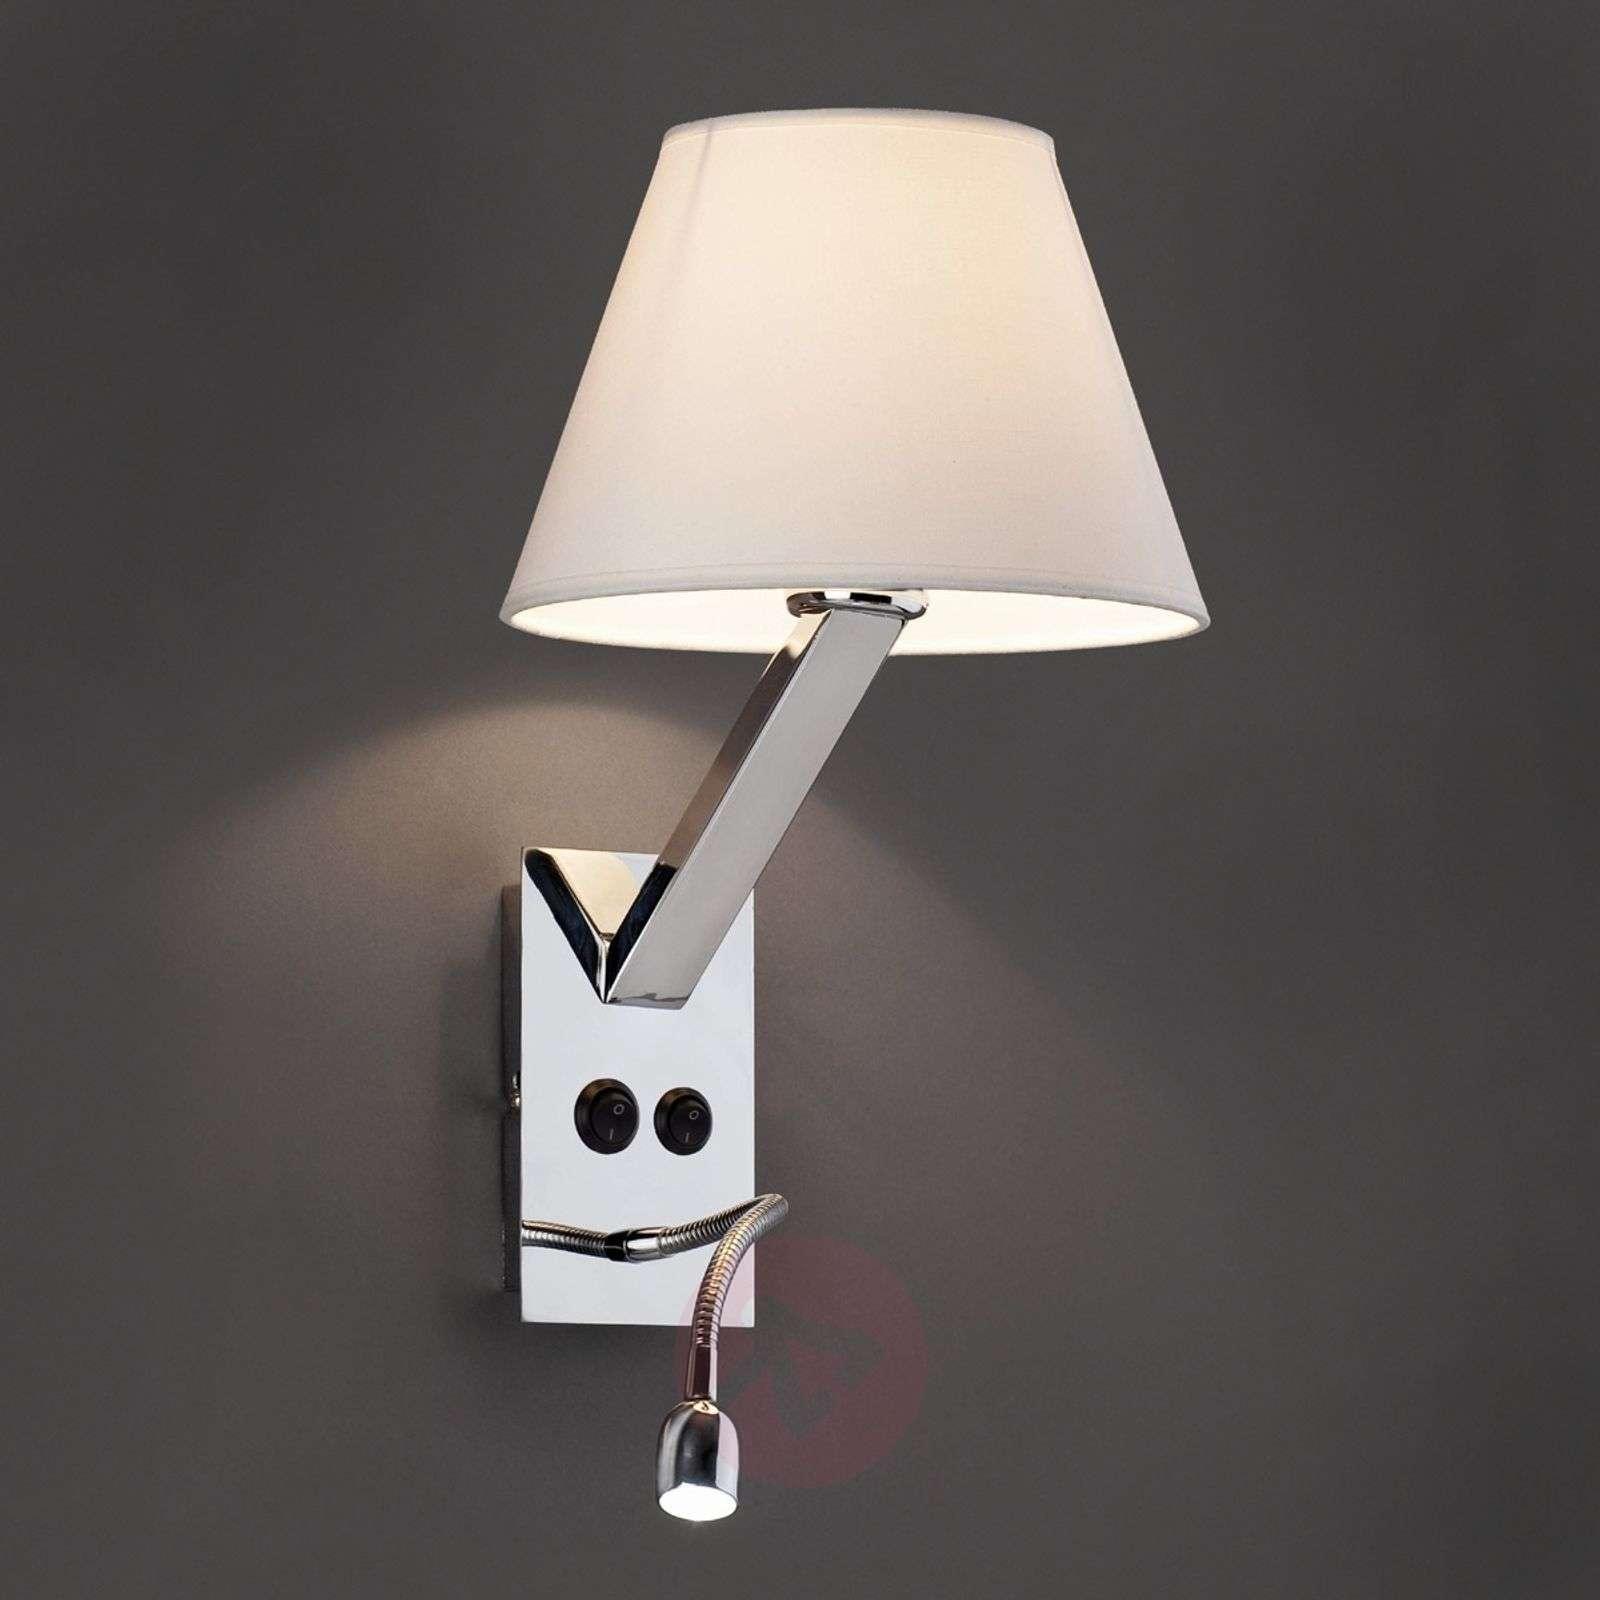 Säädettävä Moma 2-seinävalaisin LED-/lukulampulla-3507027X-01